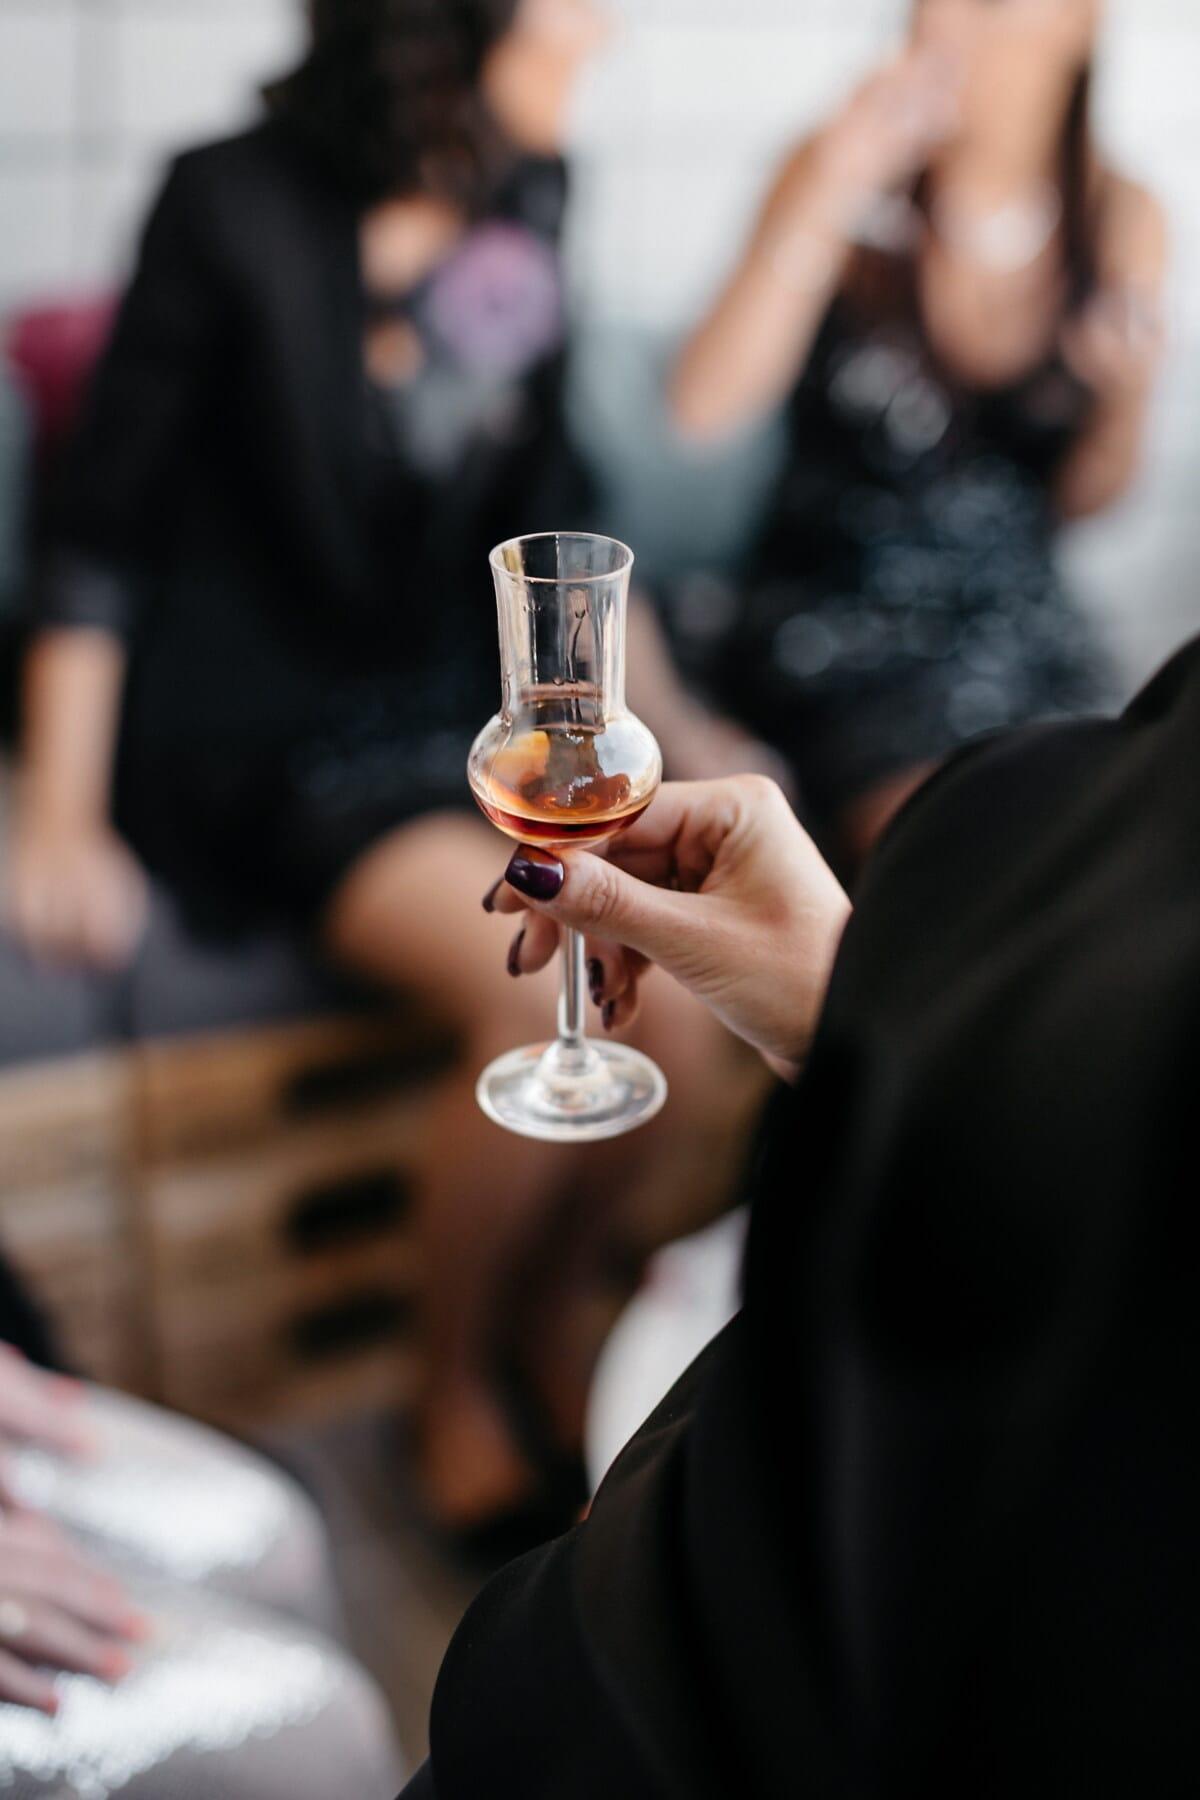 bénéficiant, femme, Holding, vin rouge, verre, vin, alcool, boisson, gens, à l'intérieur